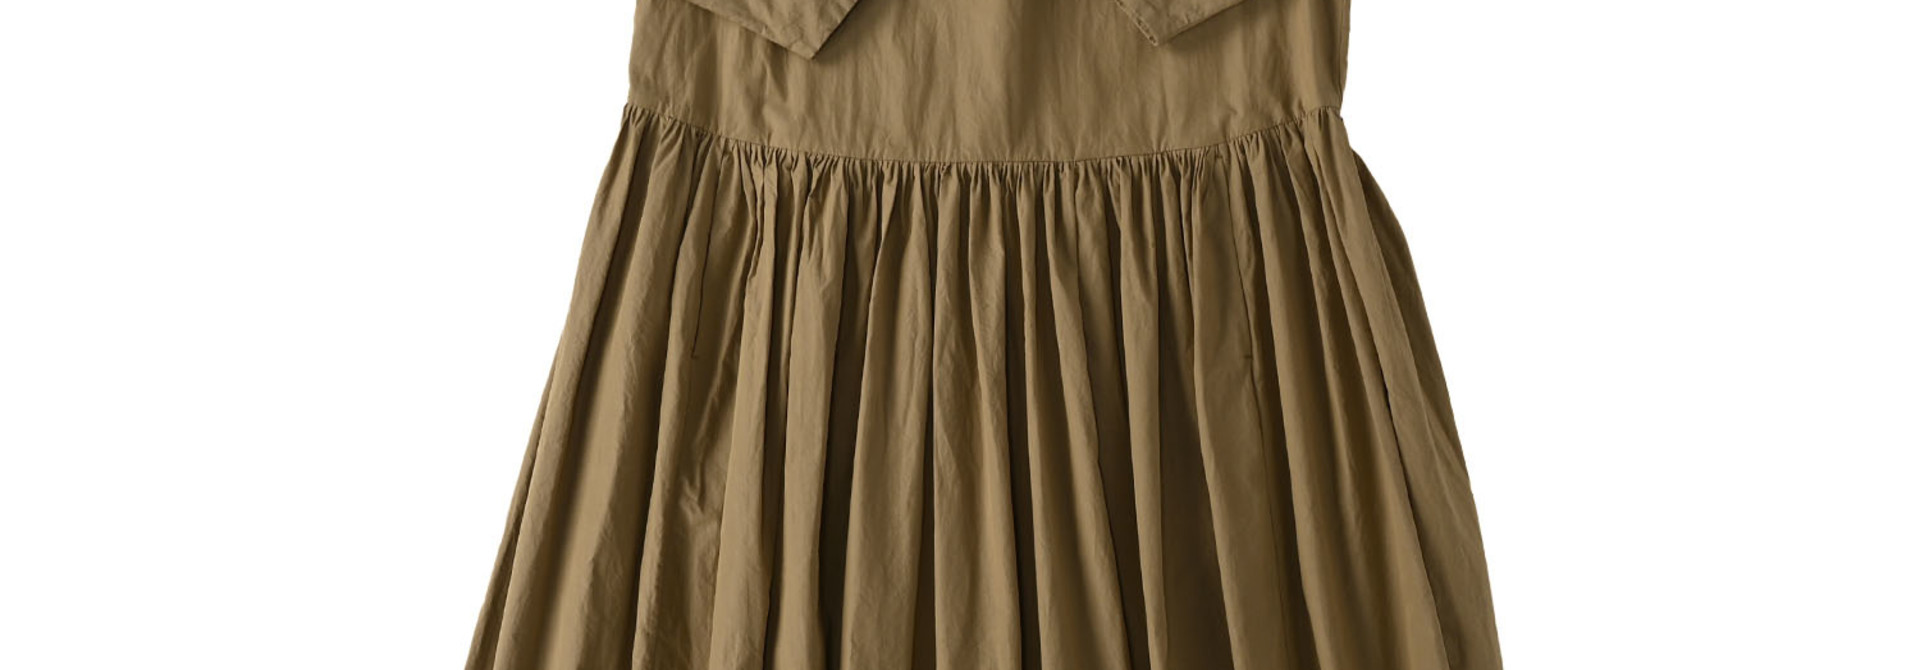 Damp Yarn Dyed Musou Dress (0421)